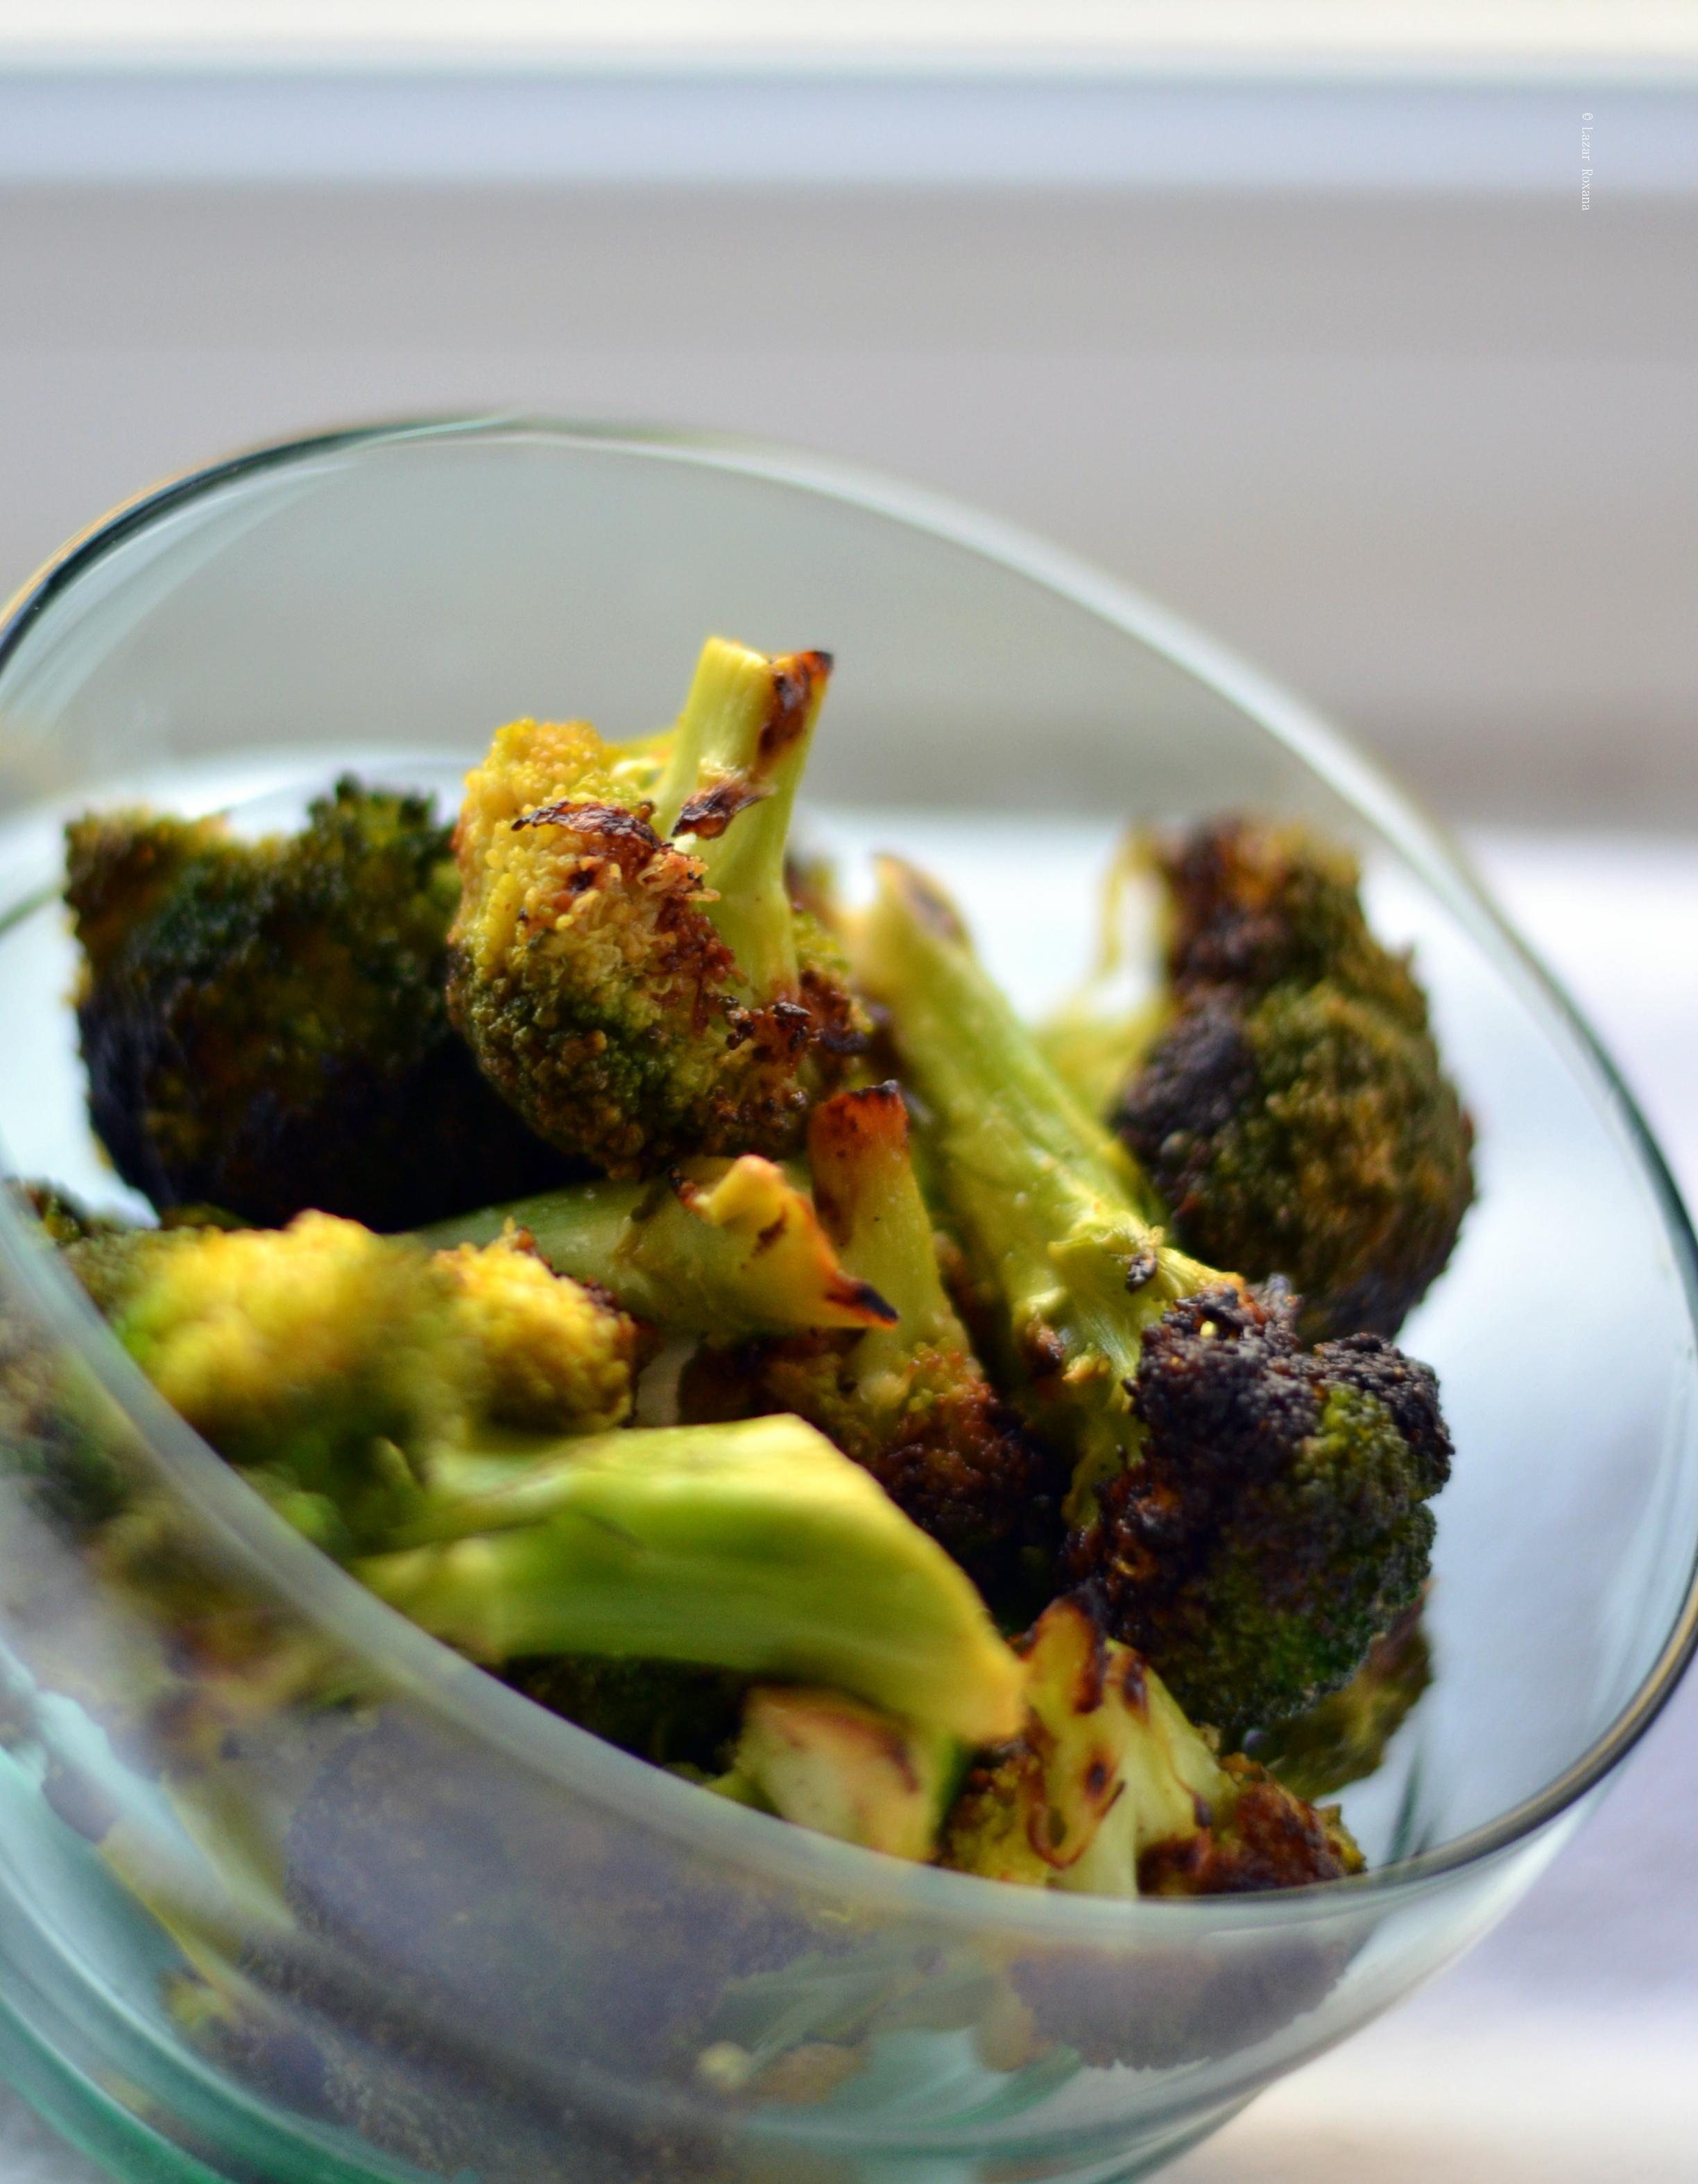 Broccoli la grill, cu lamaie